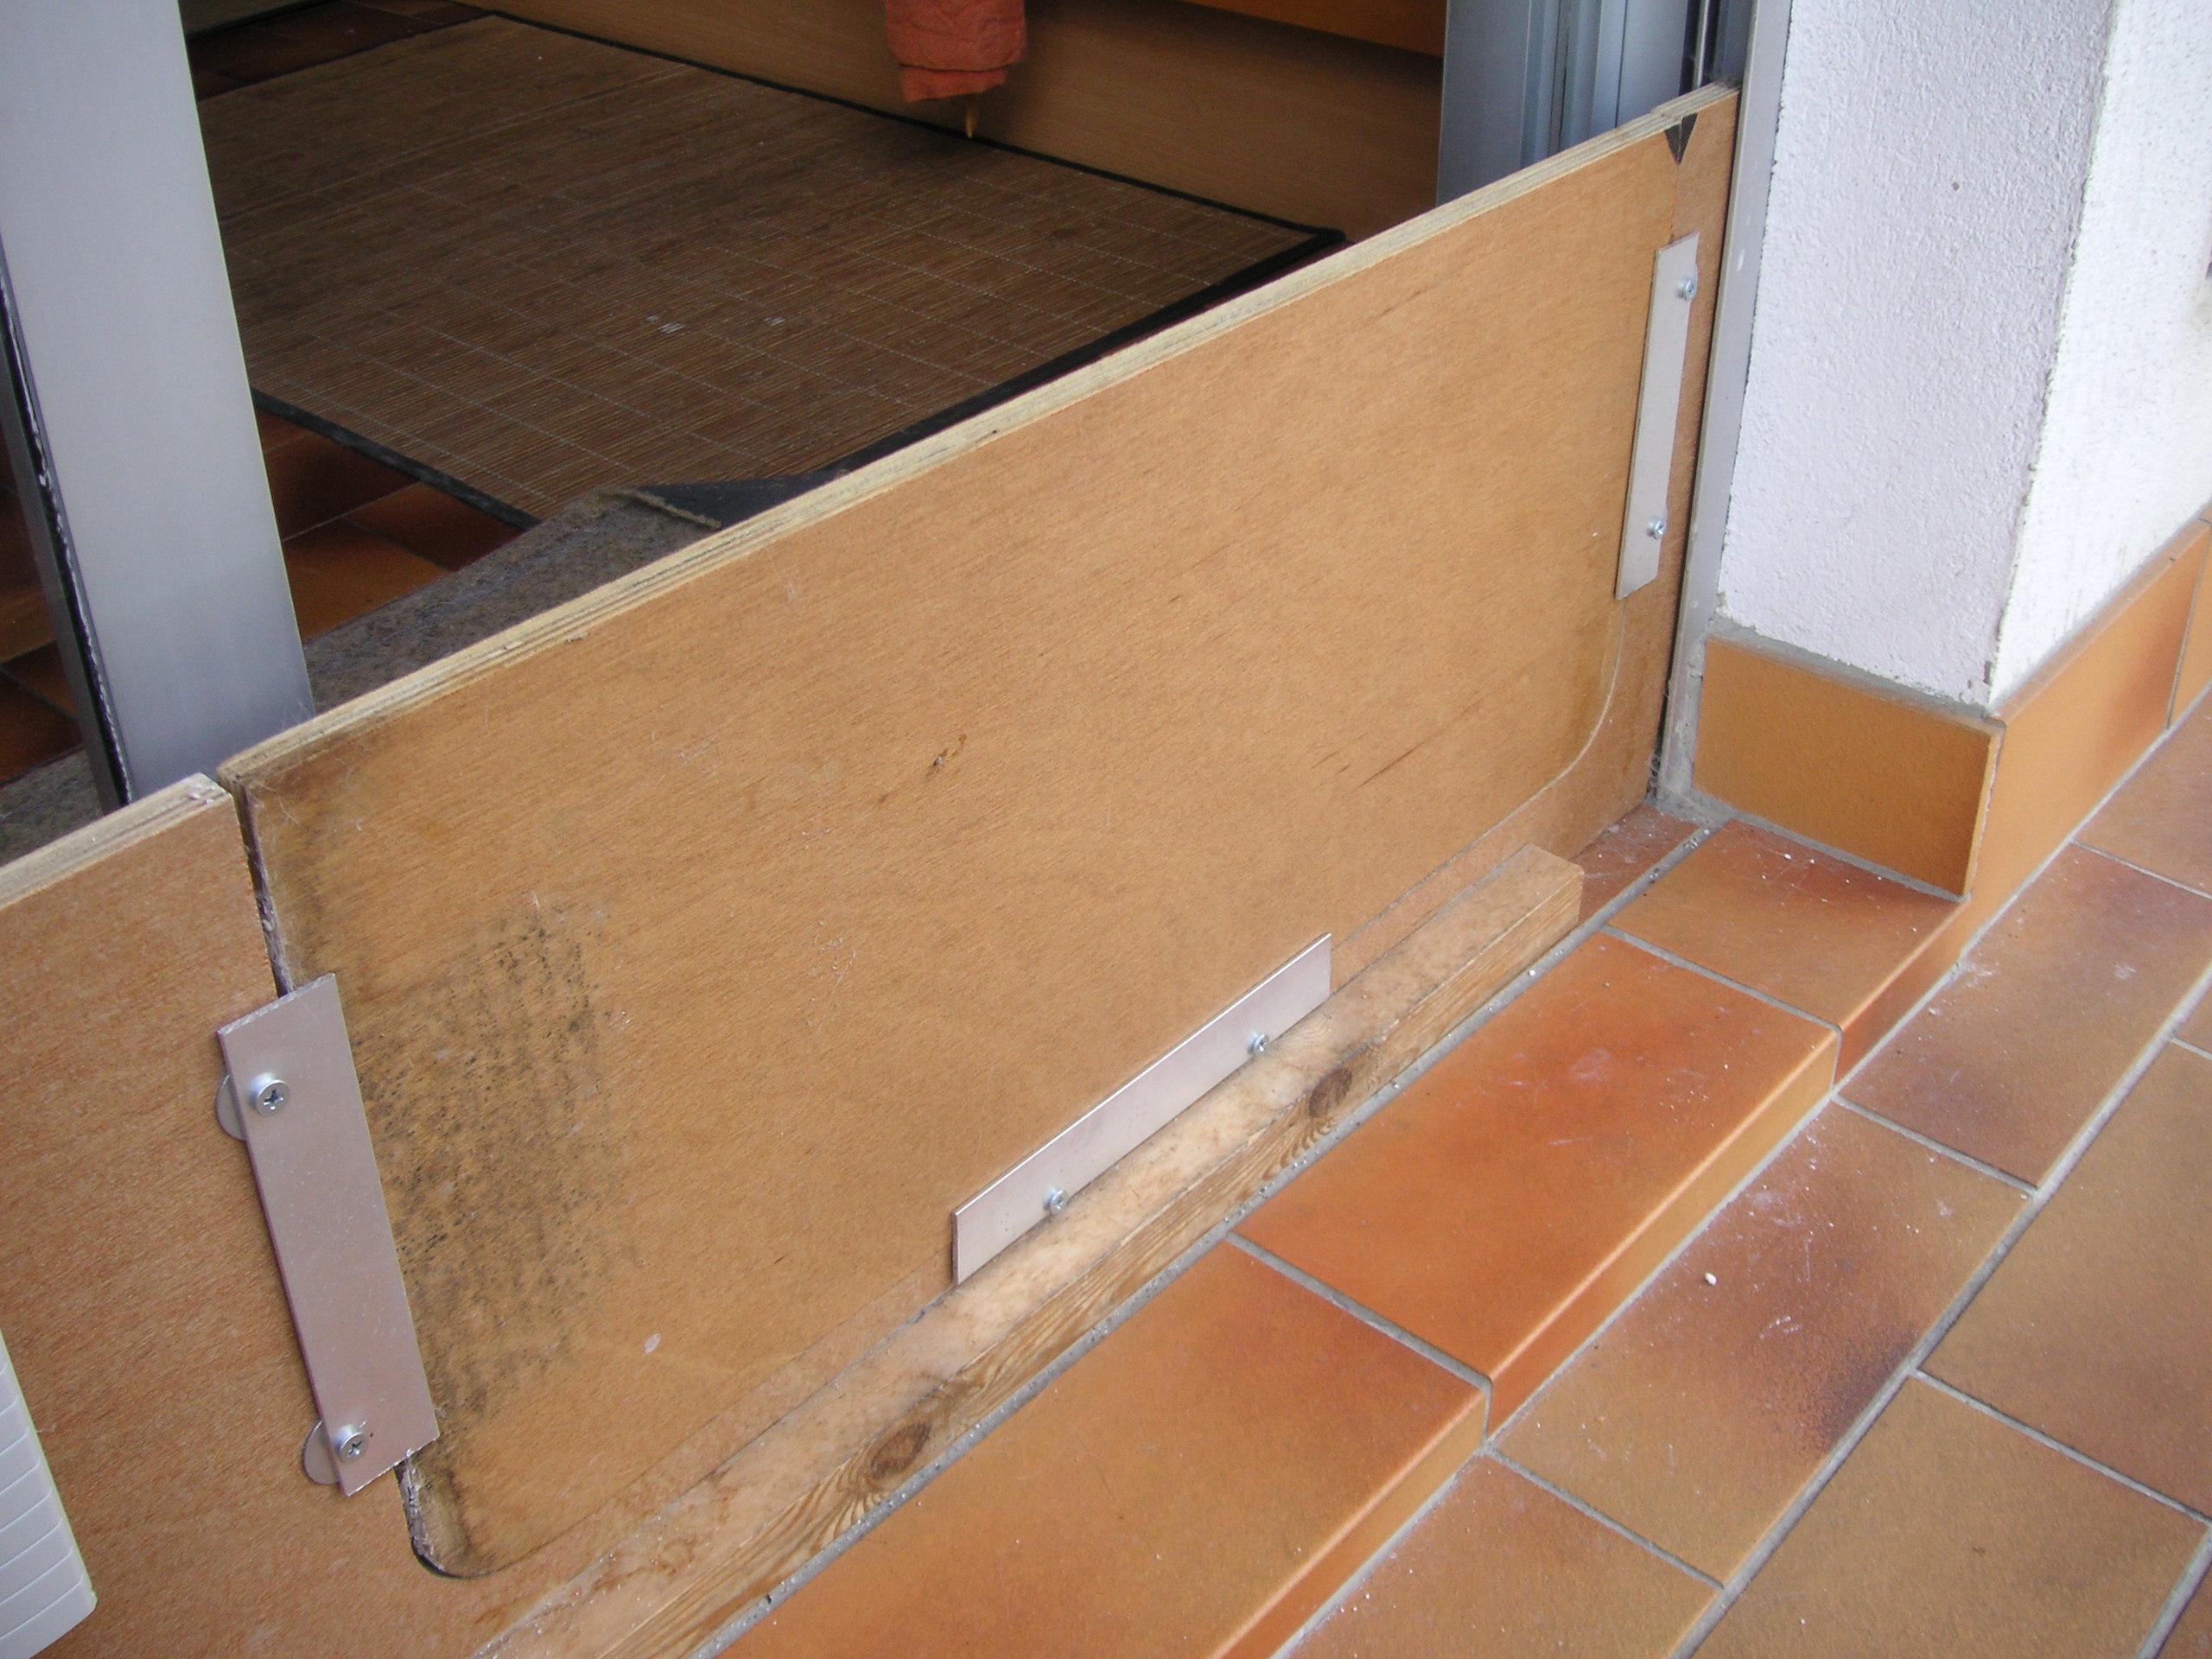 comment fabriquer une chatière de fenêtre sans découper la vitre ... - Comment Installer Une Chatiere Dans Une Porte En Bois